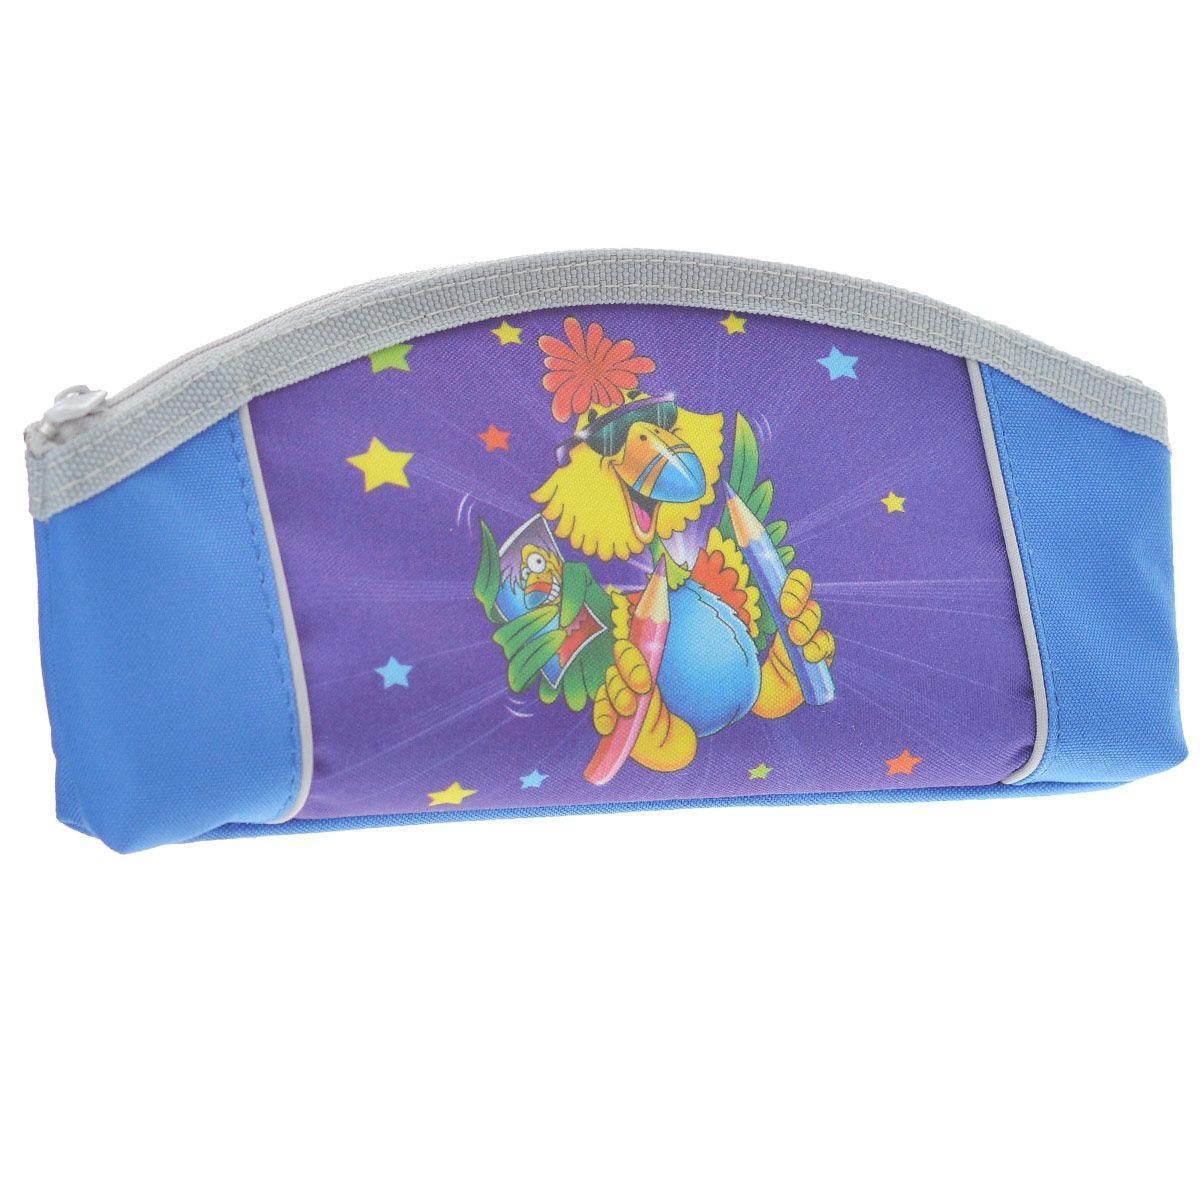 Пенал на молнии JOYFUL BIRDIE,1 отделение, без наполнения, цвет: сине-фиолетовый -  Пеналы